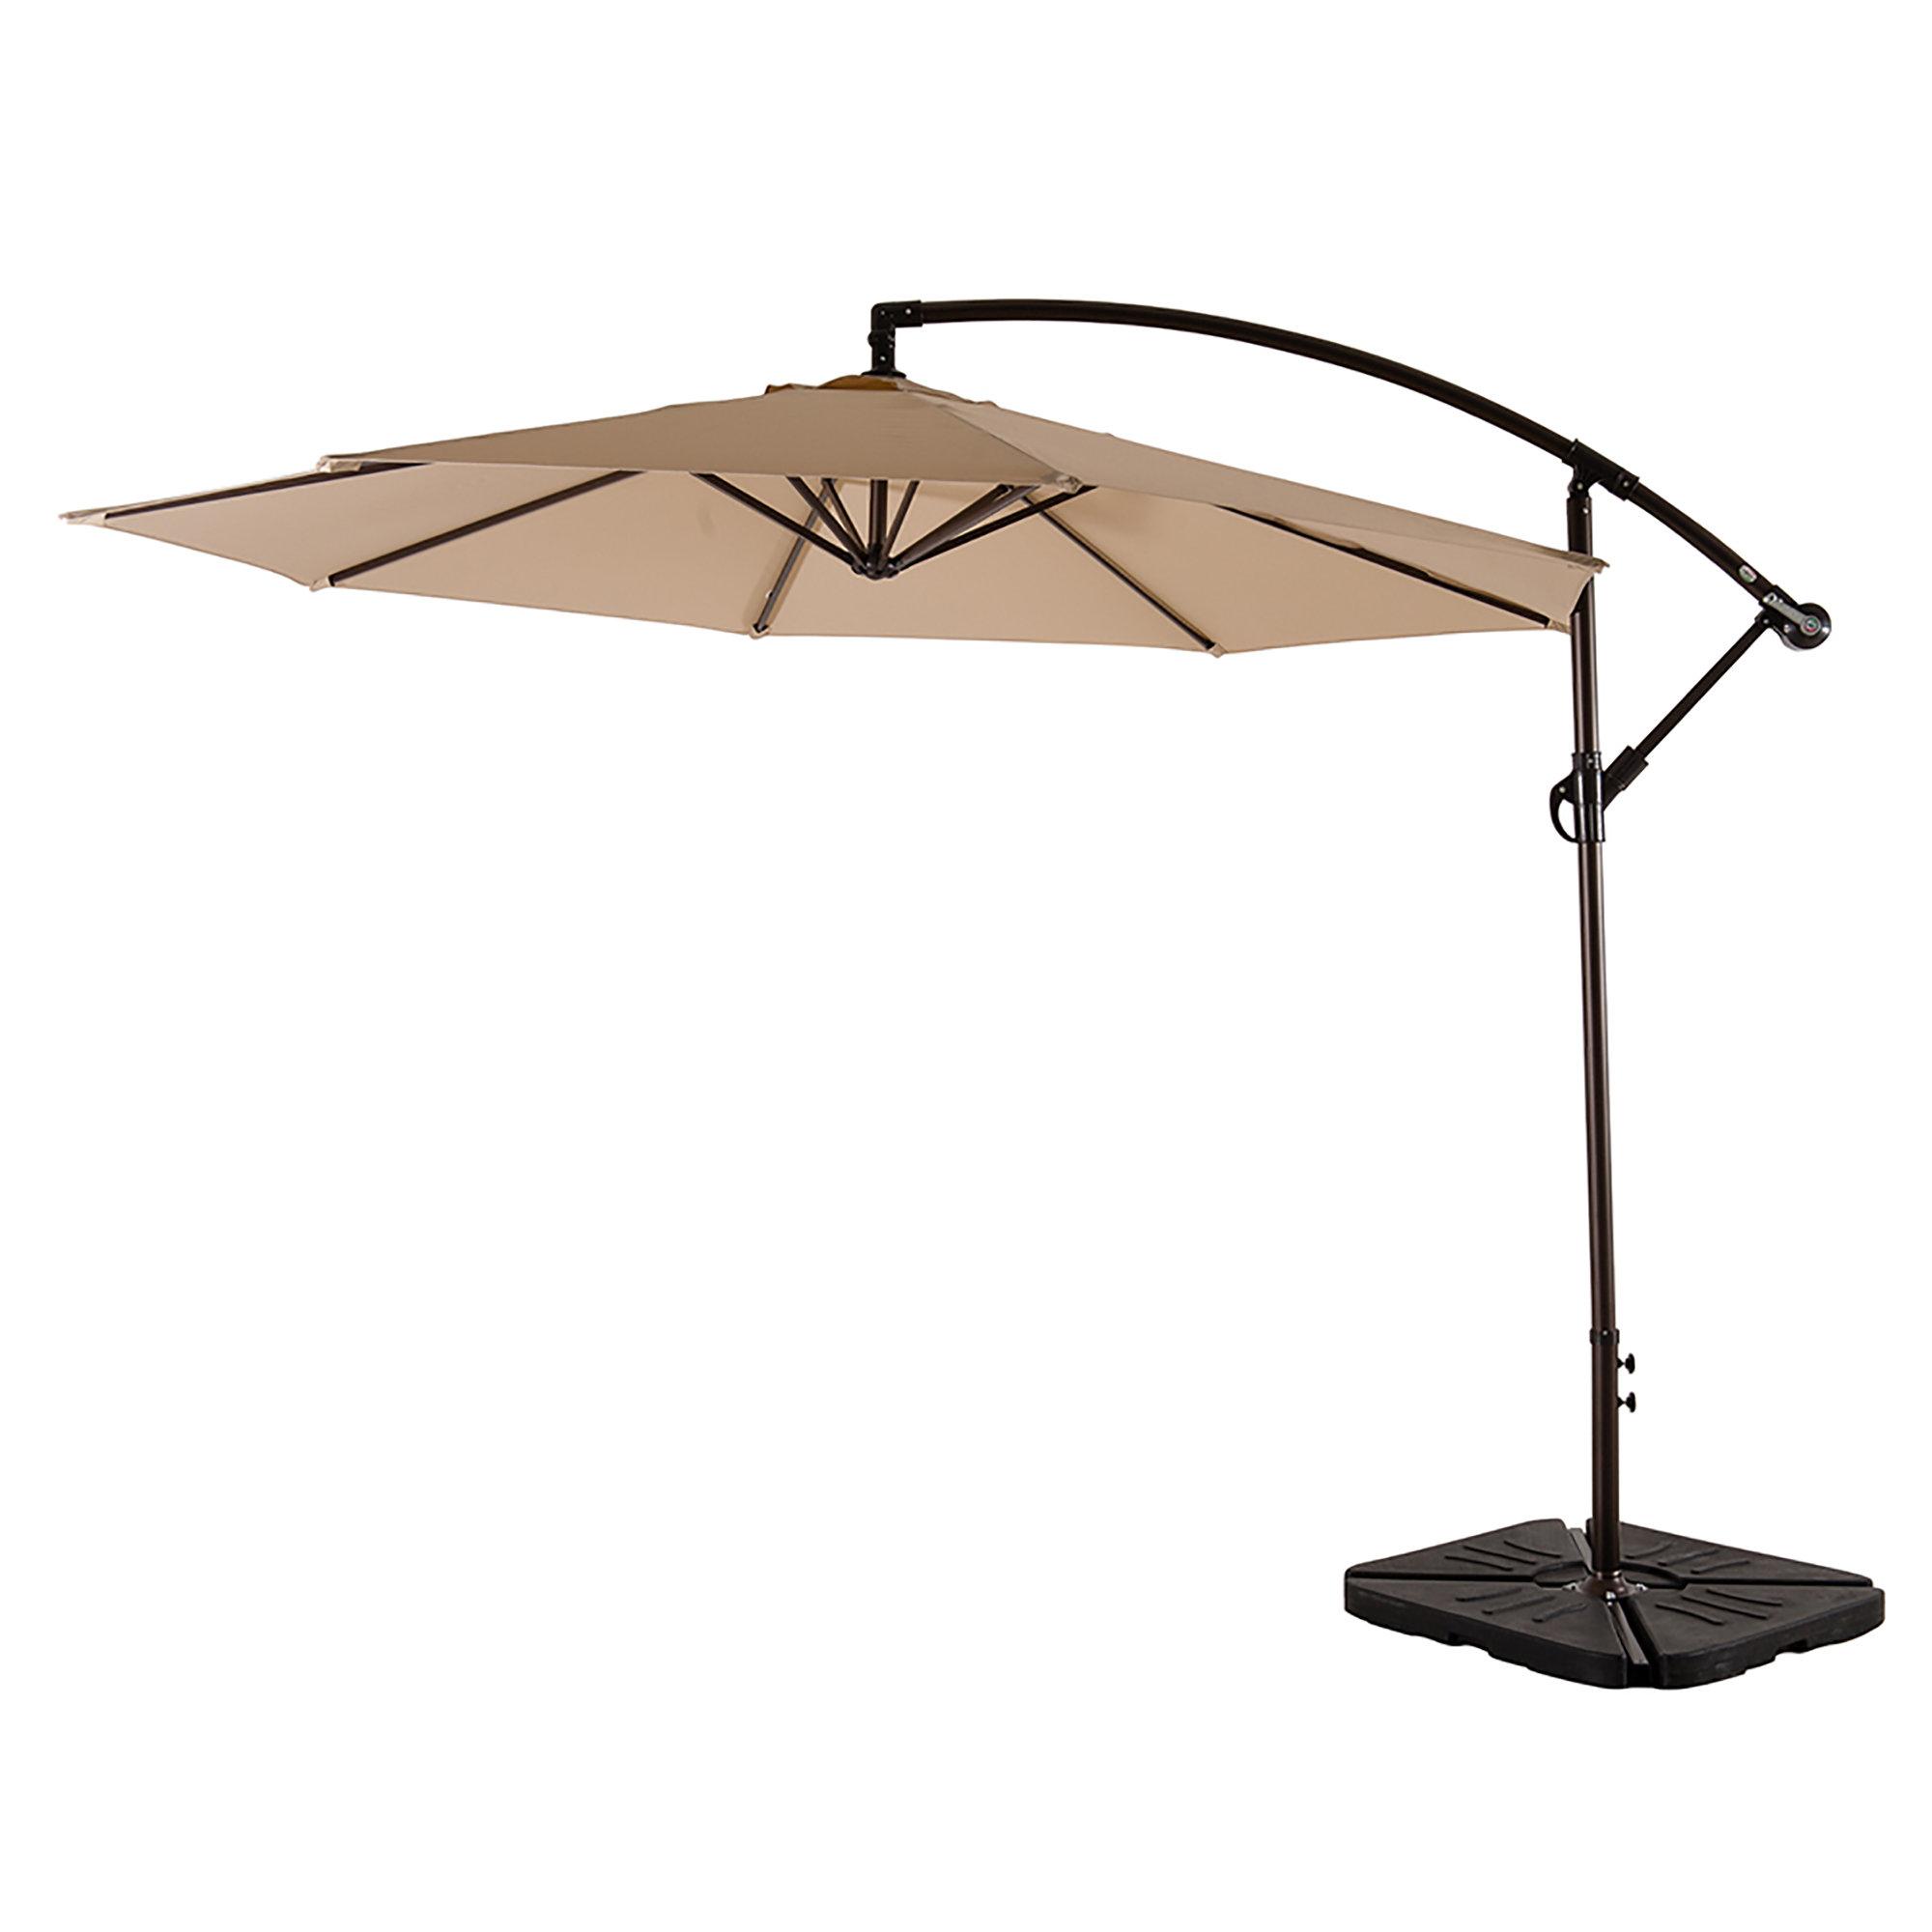 Kizzie Market 10' Cantilever Umbrella In Popular Tottenham Patio Hanging Offset Cantilever Umbrellas (View 7 of 20)